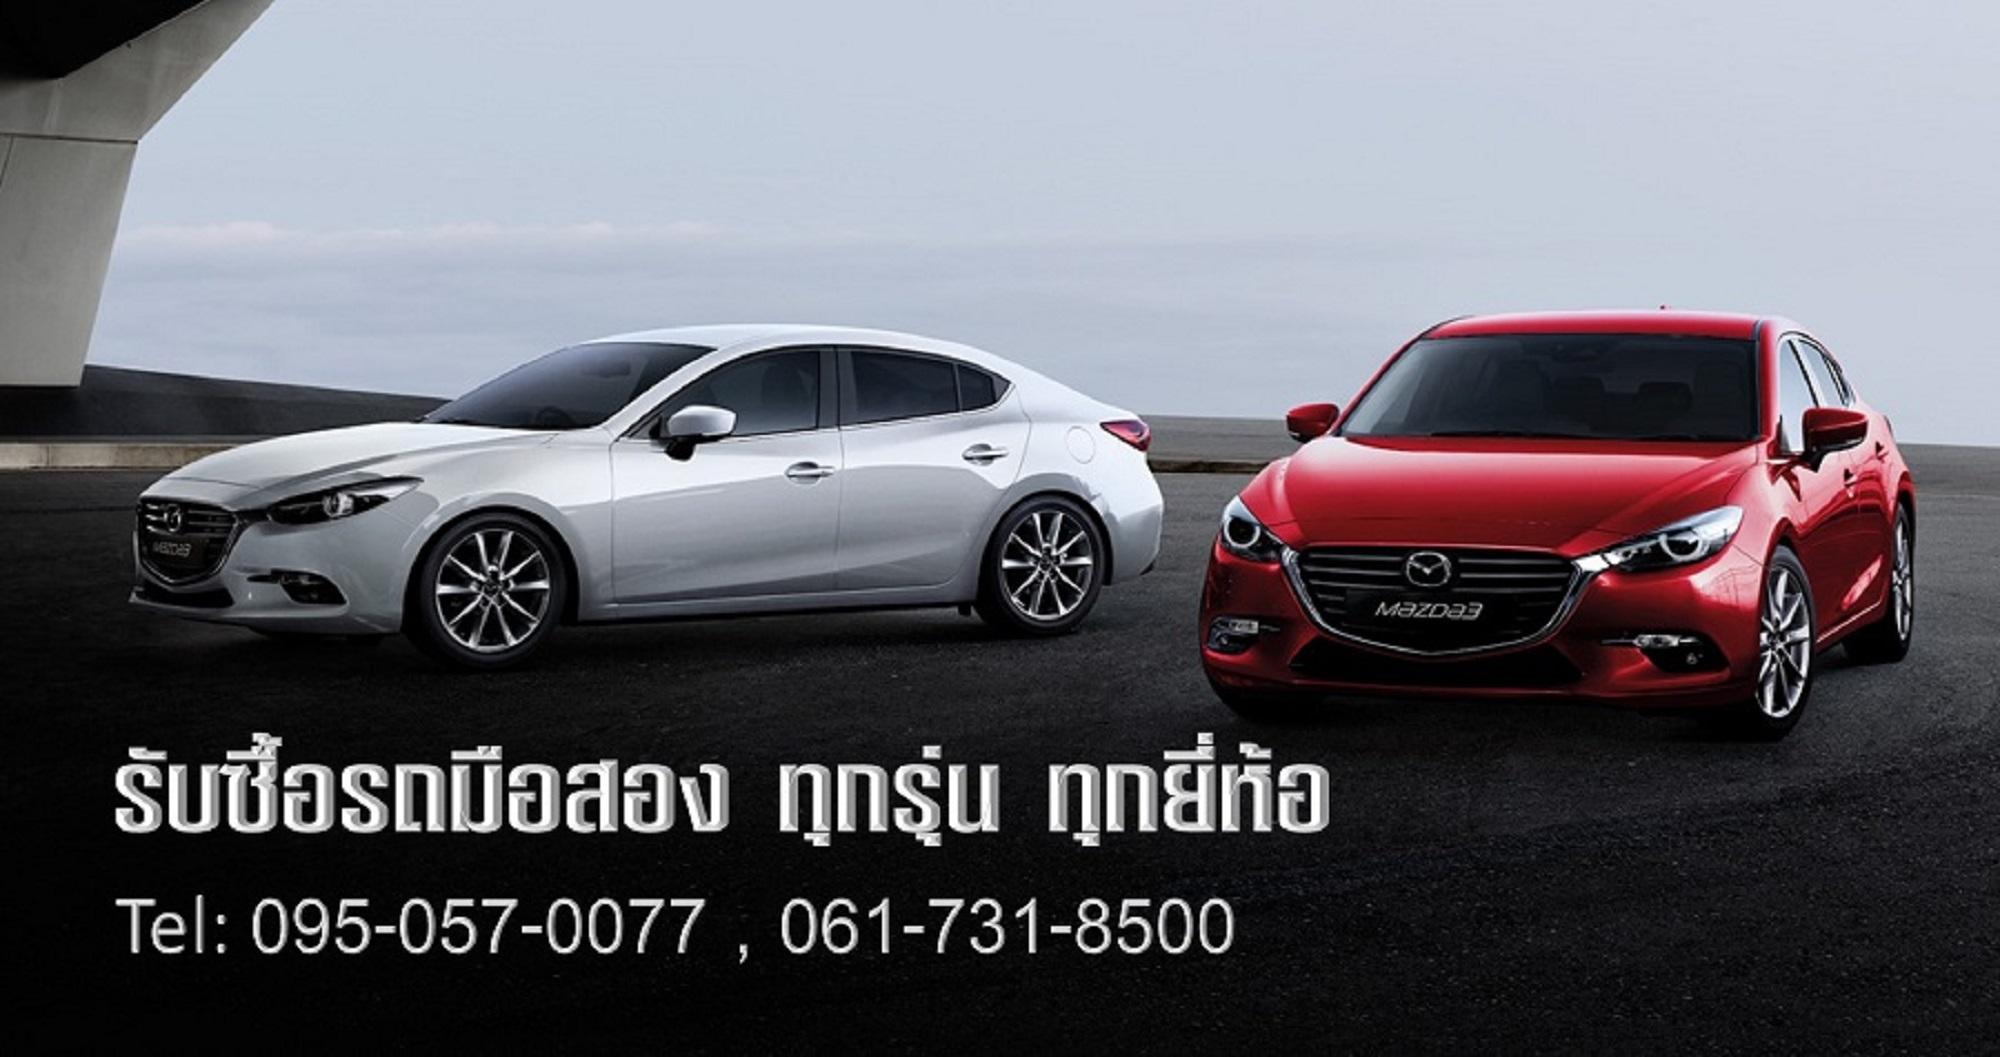 บริการดูรถถึงที่ทั่วไทย Tel:081-433-3449 , 095-057-0077